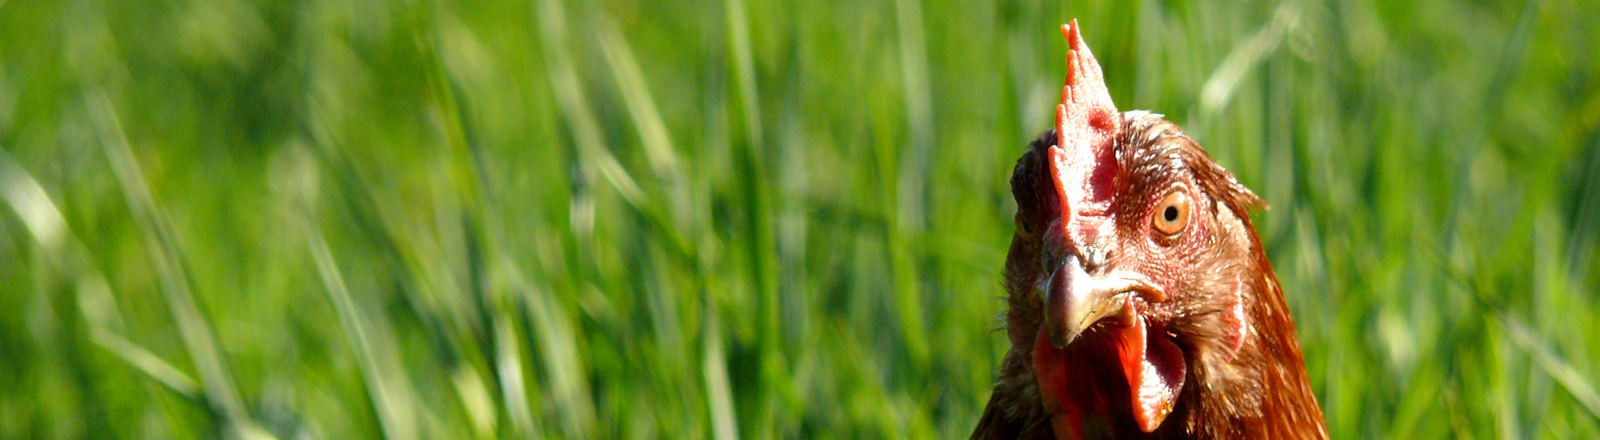 Ein Huhn im Gras